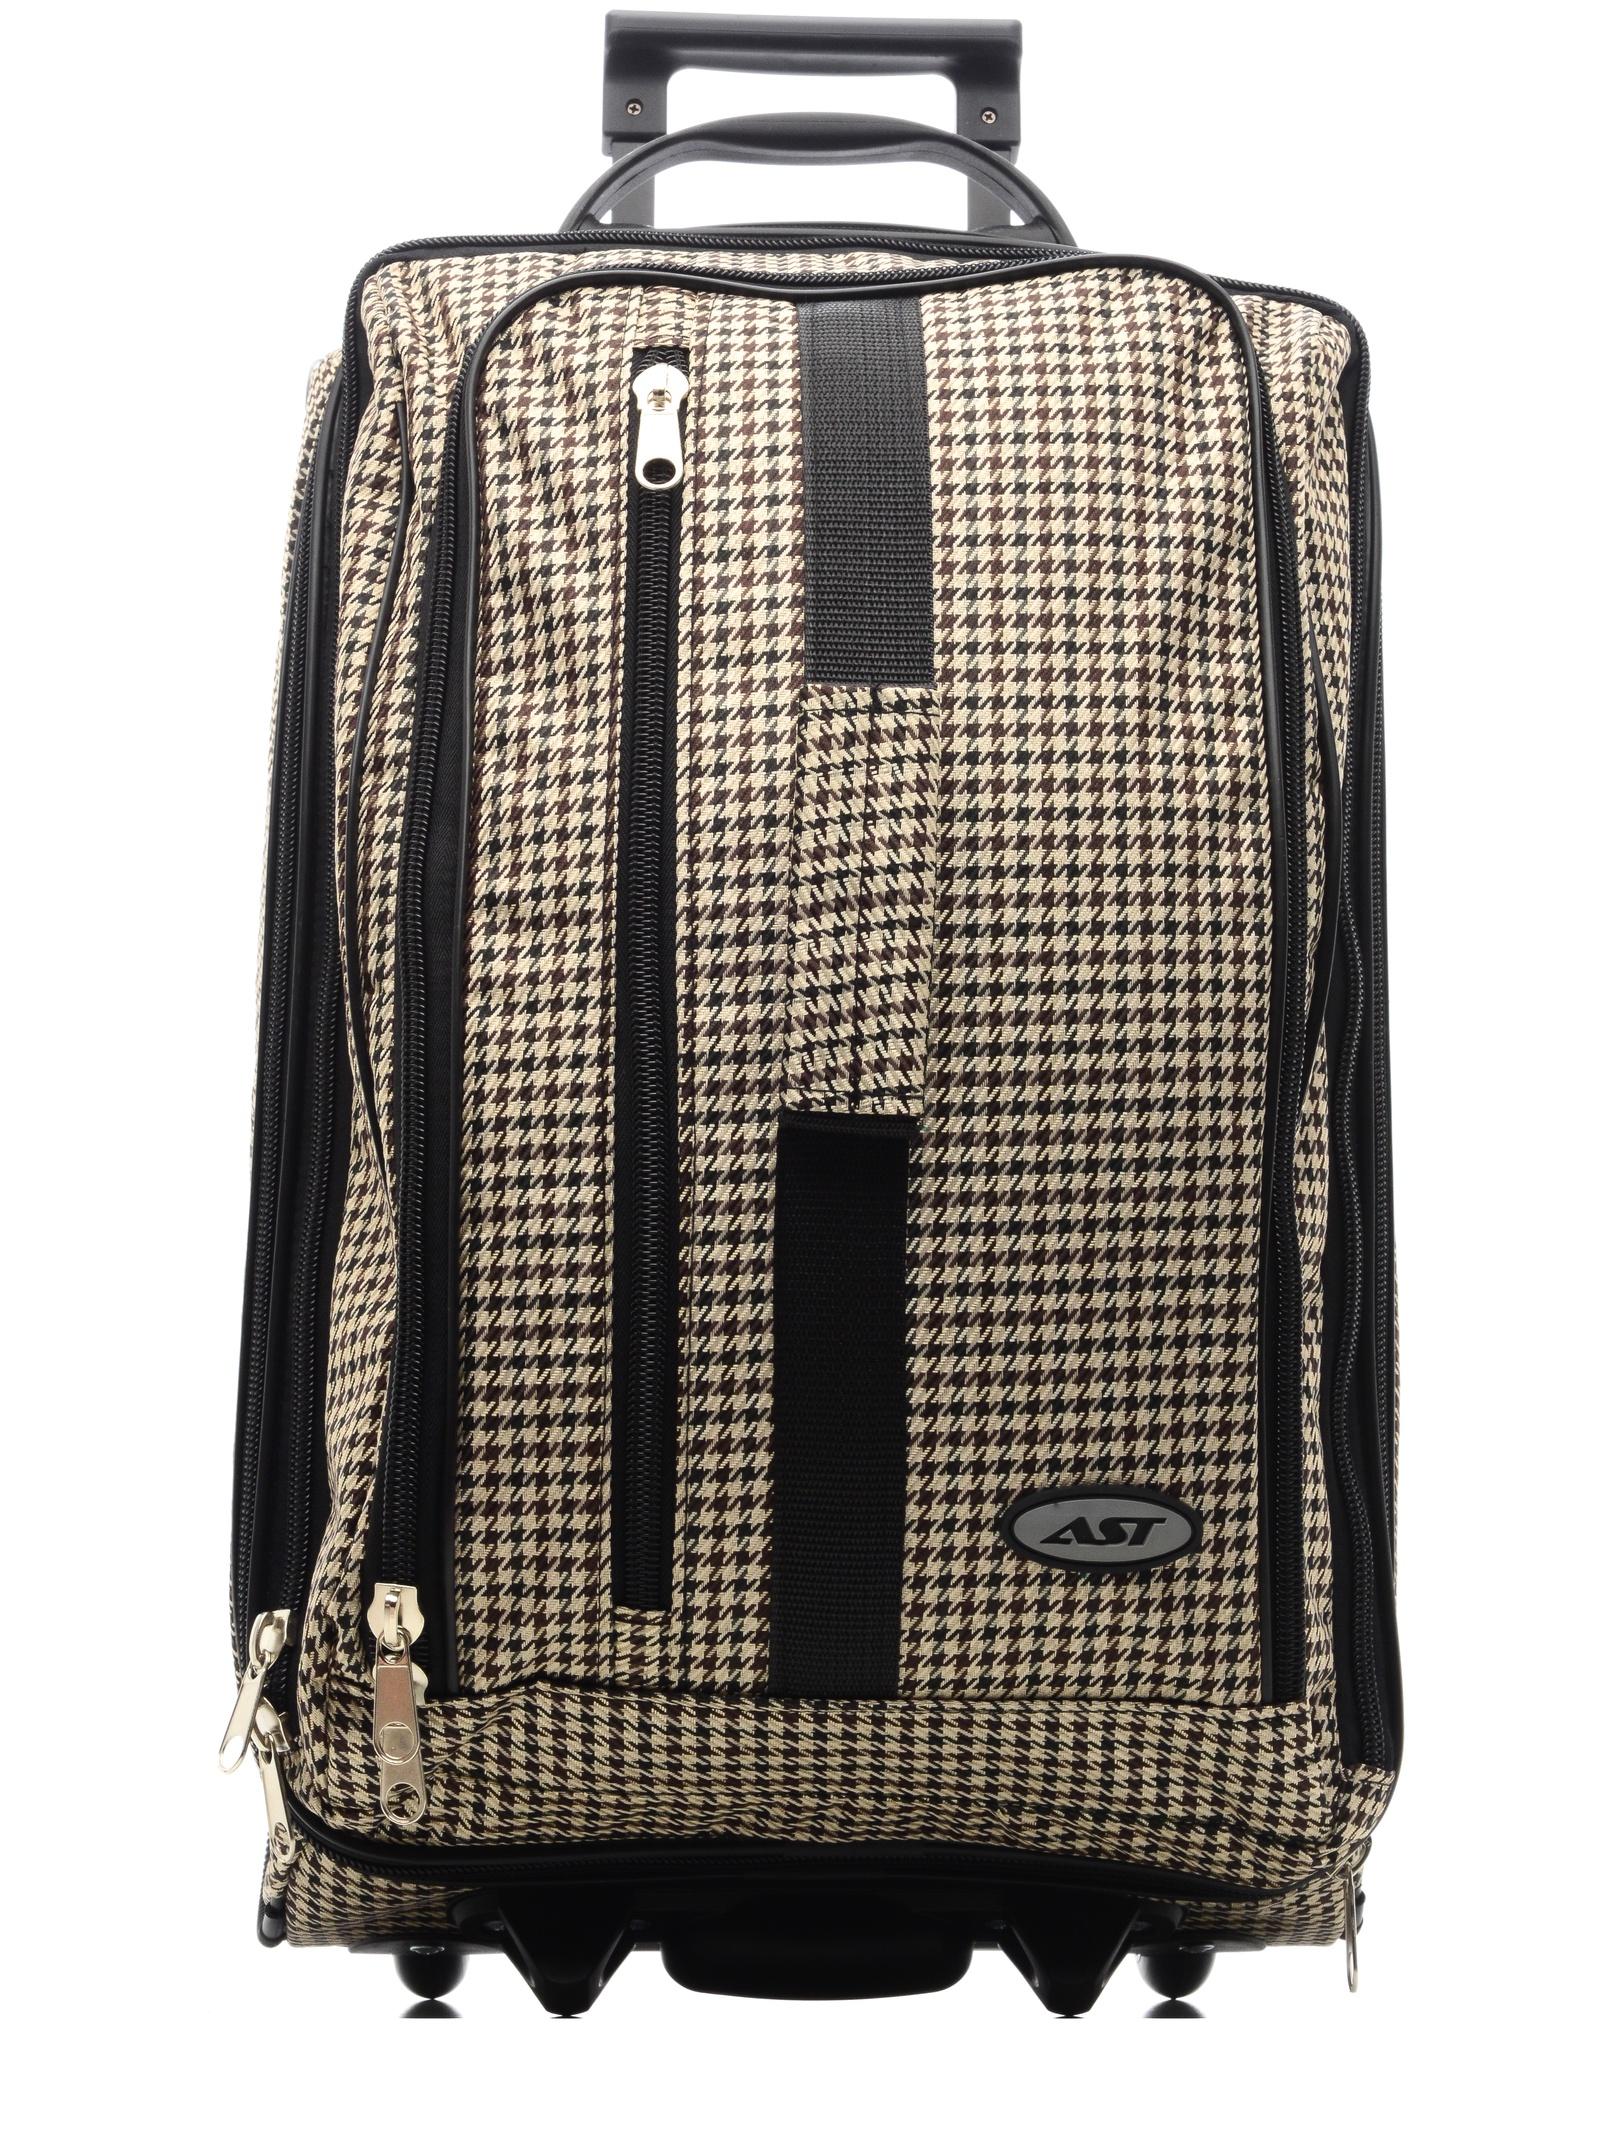 Сумка на колесах AST Сумка-тележка клетка, черный сумка тележка хозяйств на колесах с выдвижной ручкой раз сумки33х23х55 см клетка ассорти 4 цв